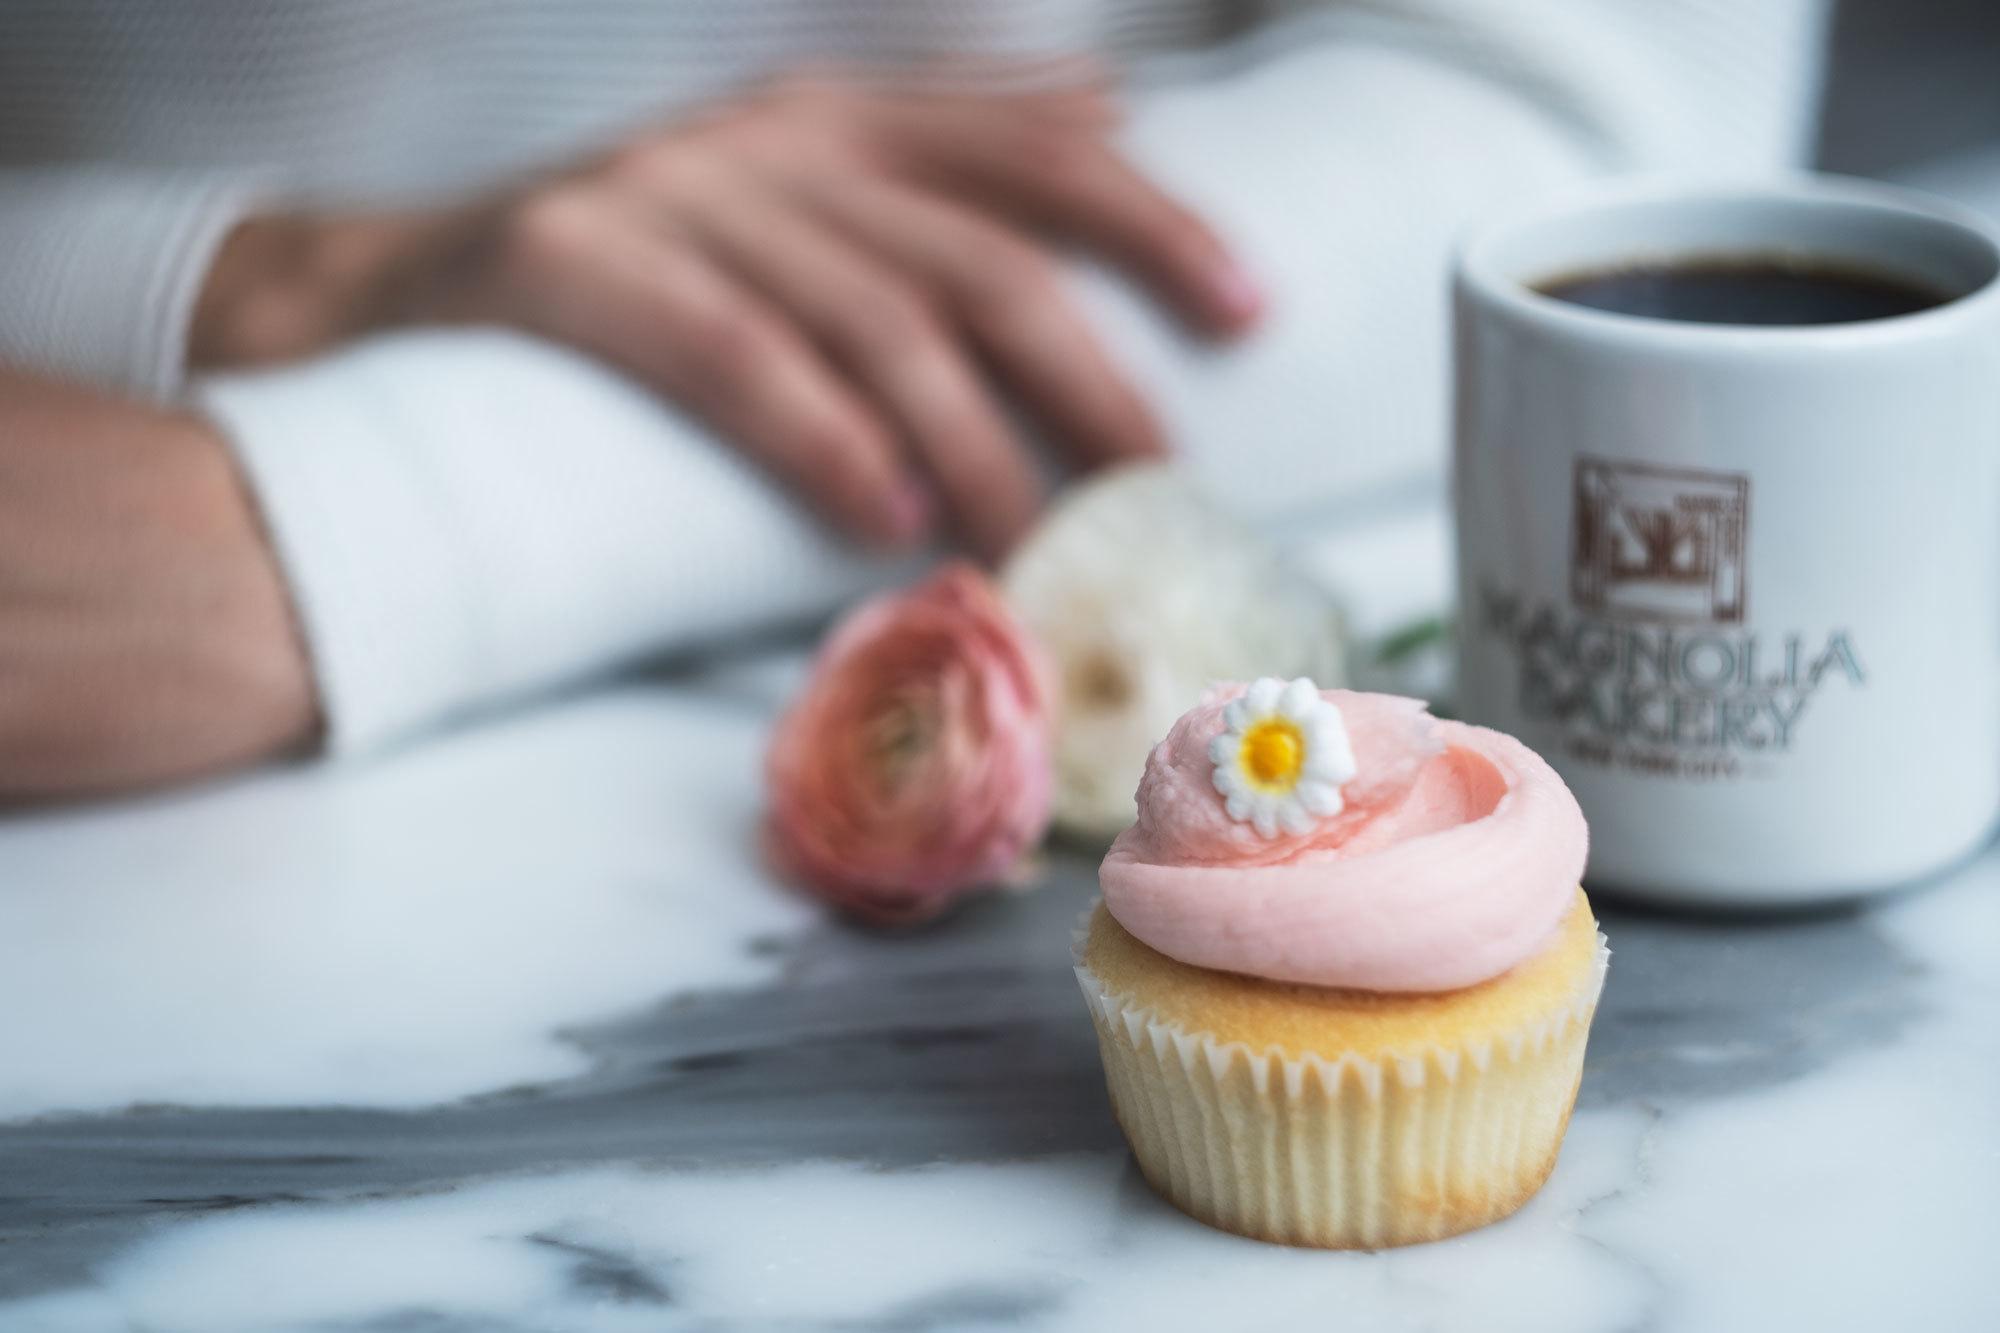 Los cupcakes favoritos de Carrie Bradshaw ahora en Madrid.